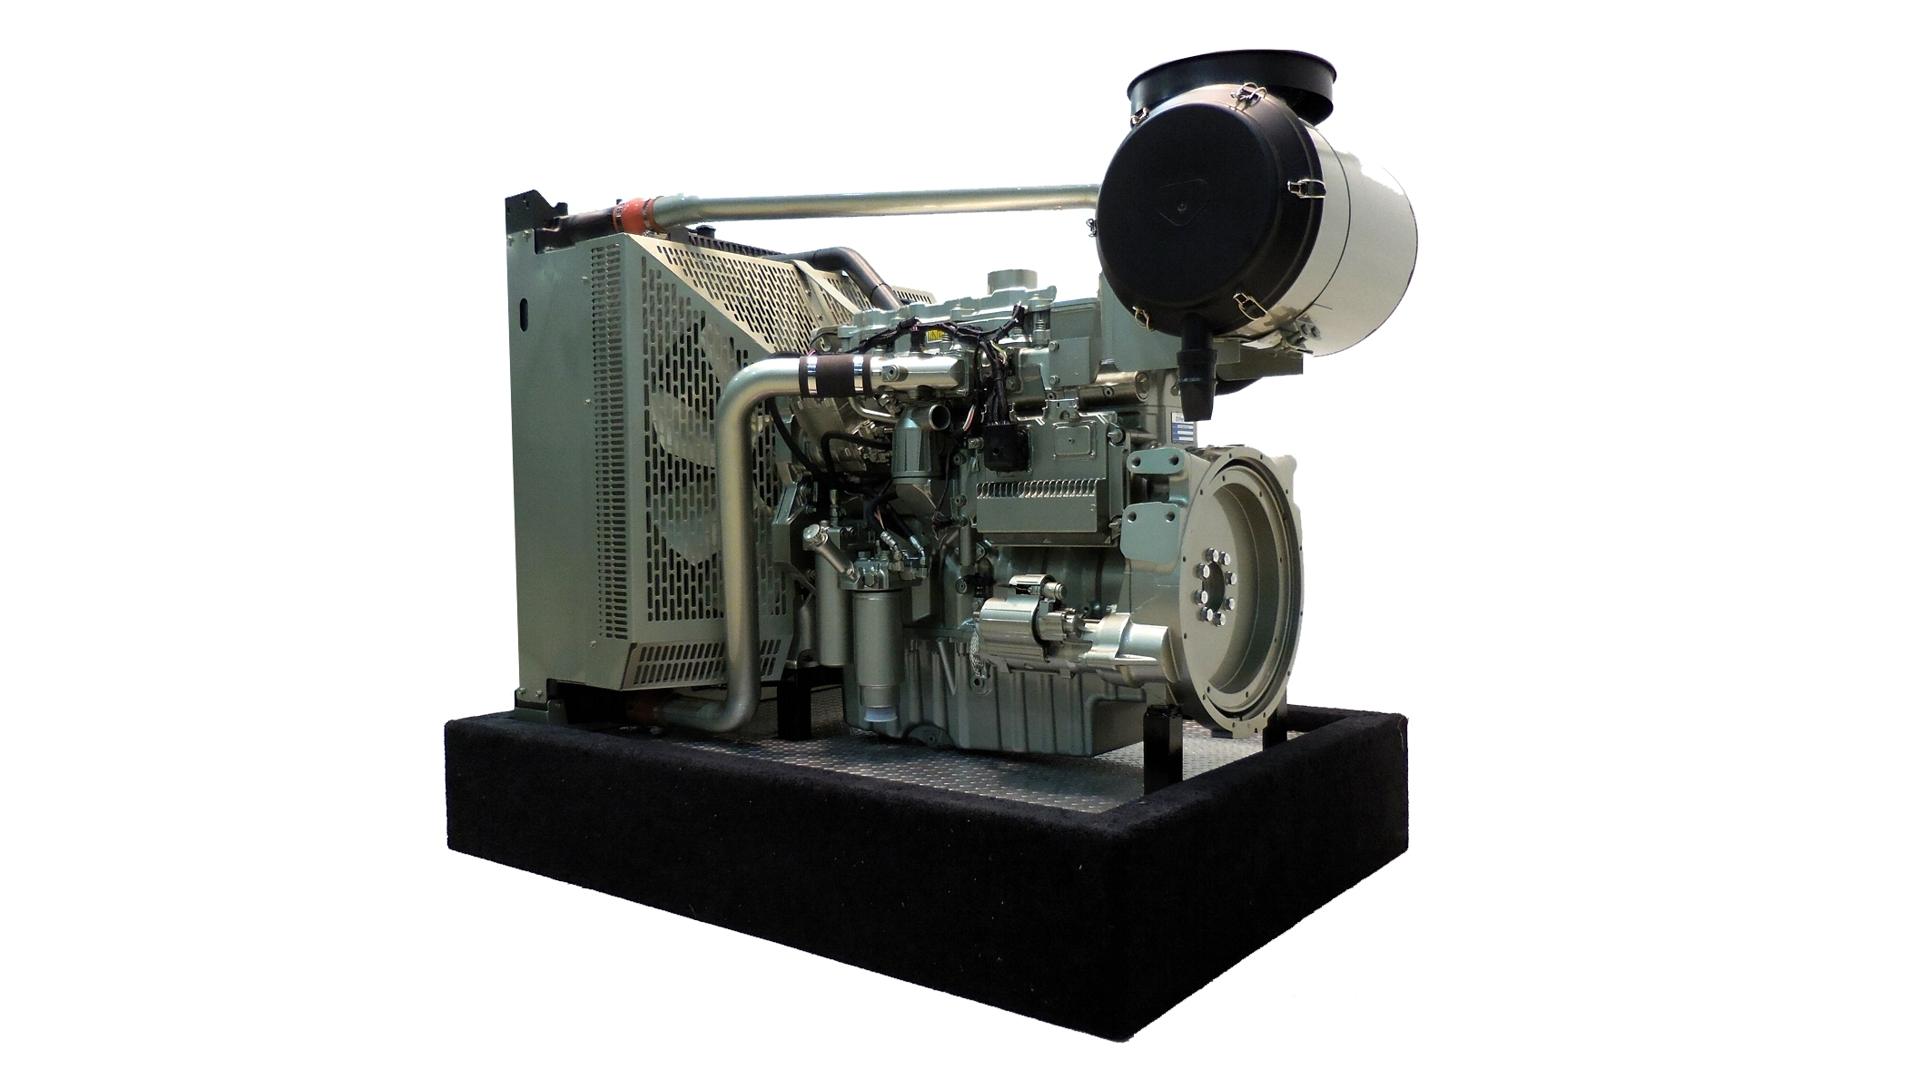 John Deere Generator Display